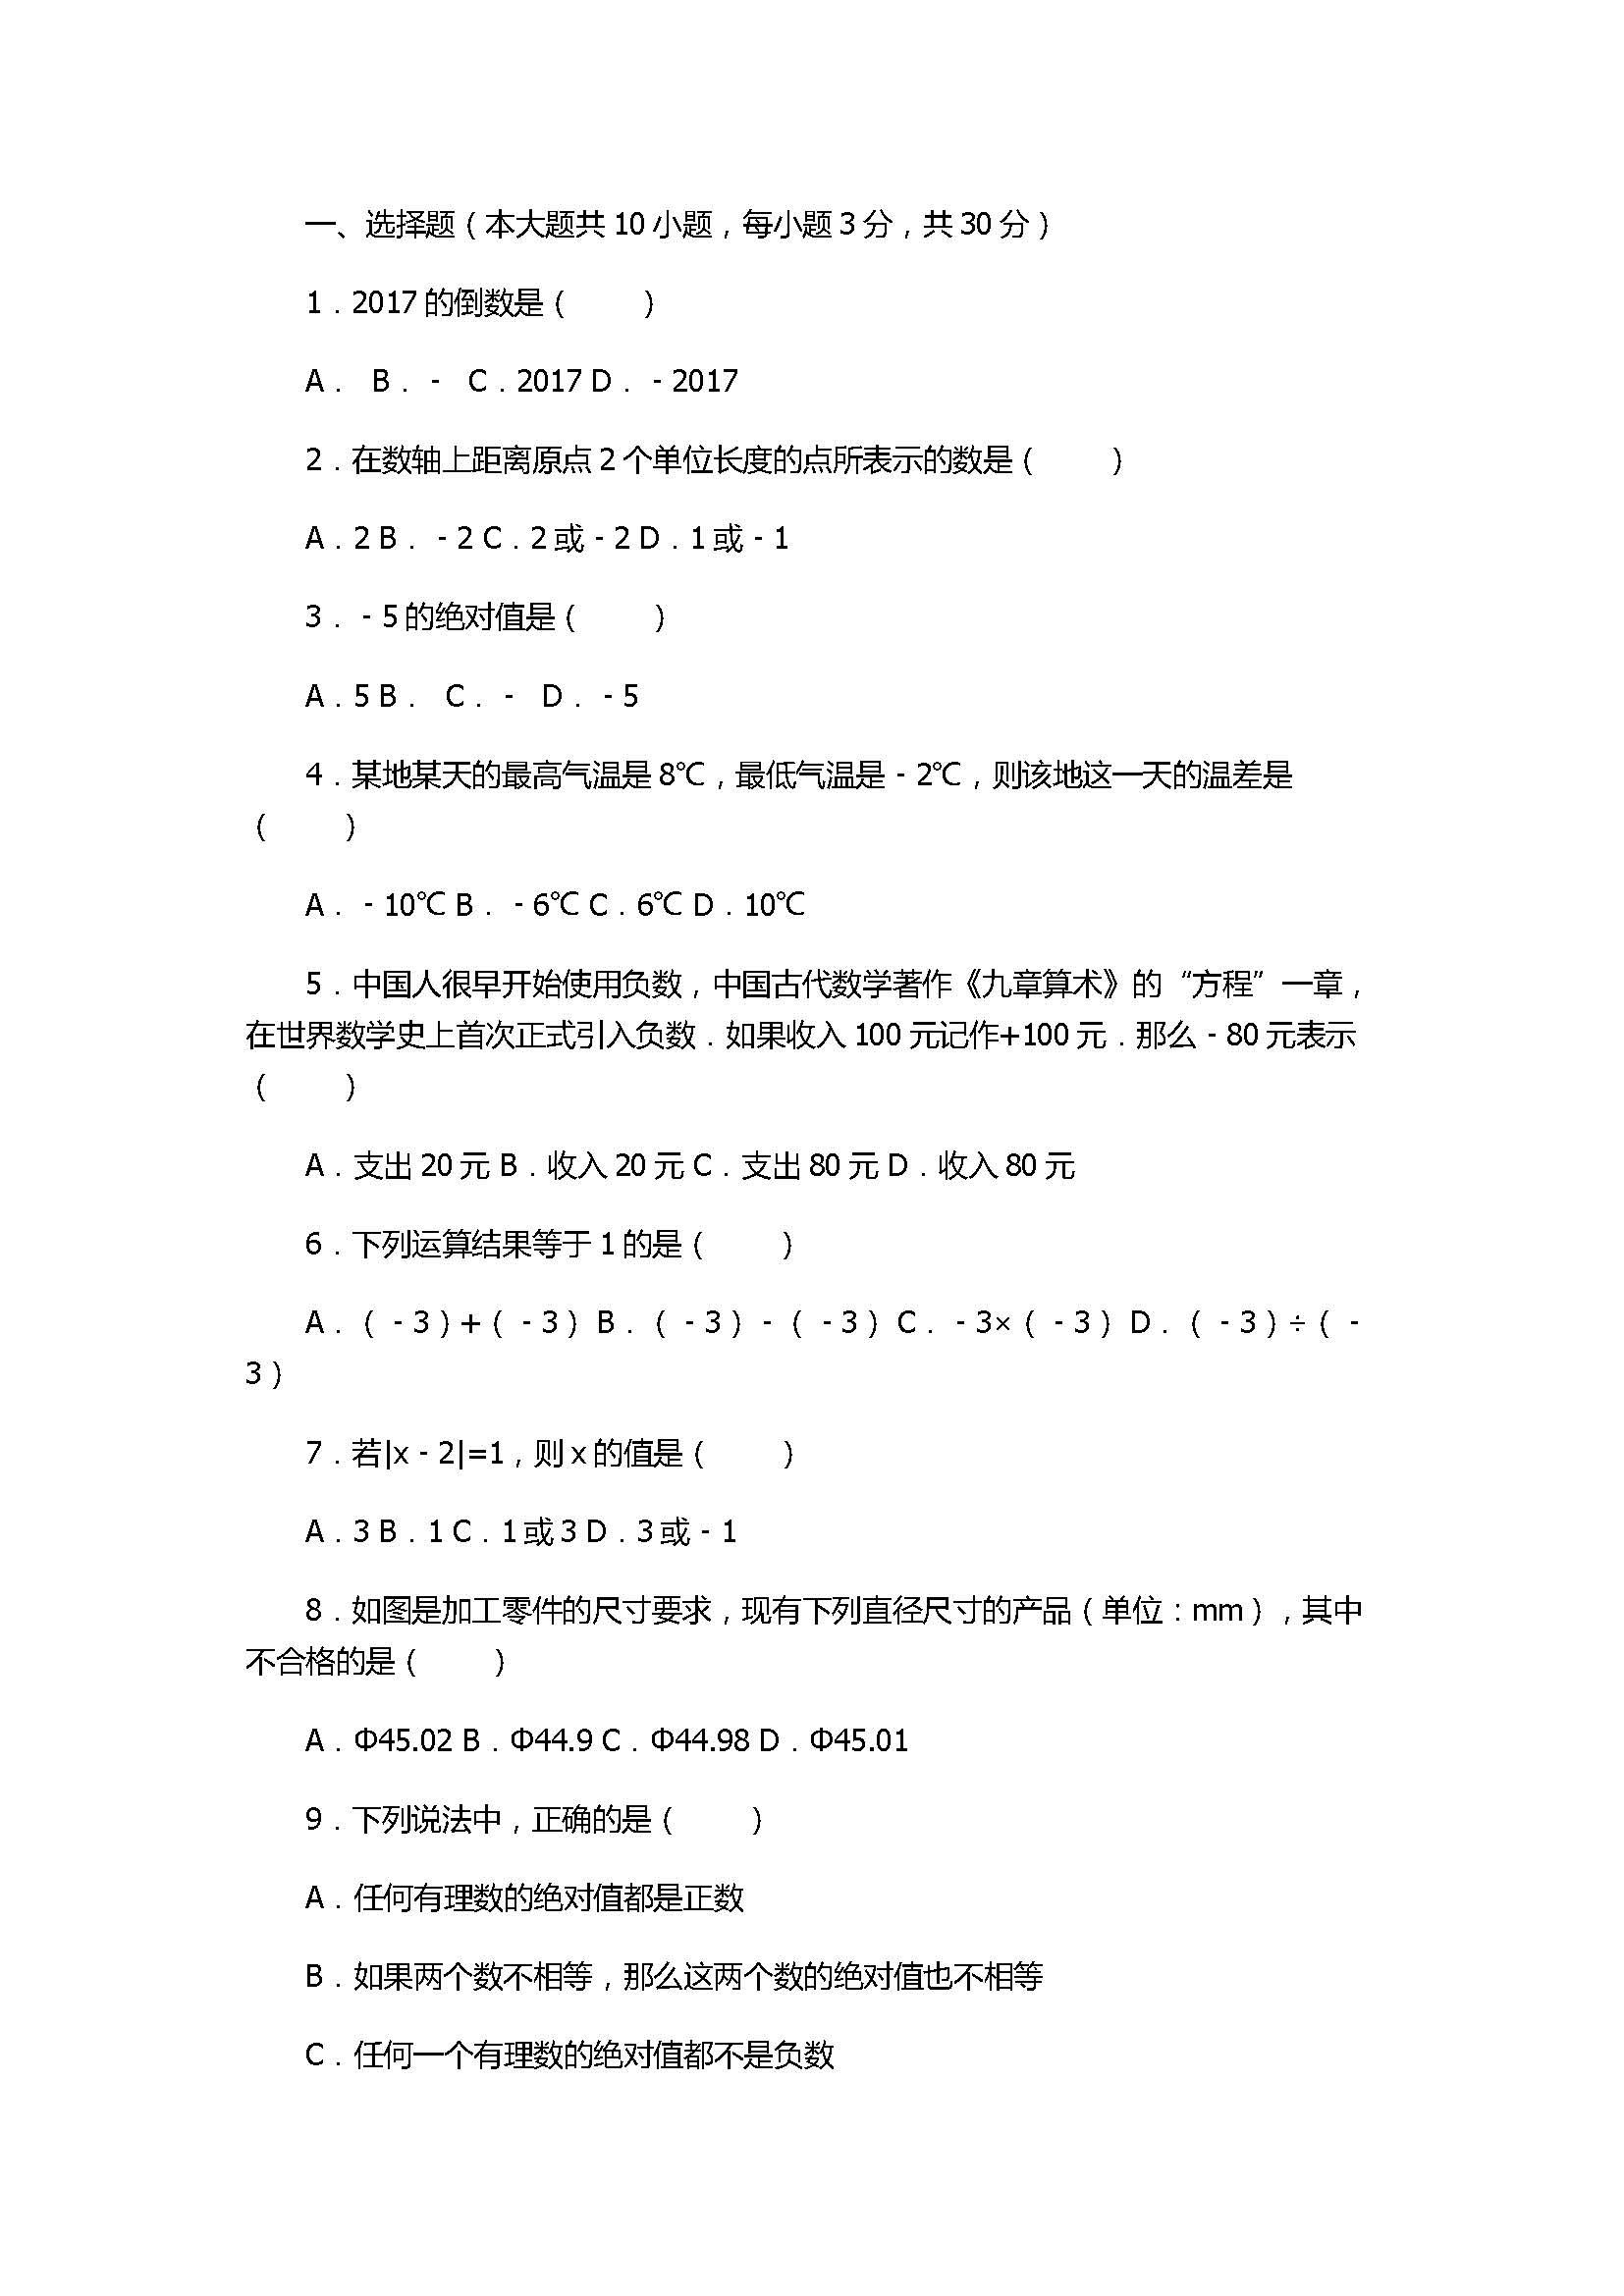 2017七年级数学上册月考测试卷含答案和解释(山西省孝义市)